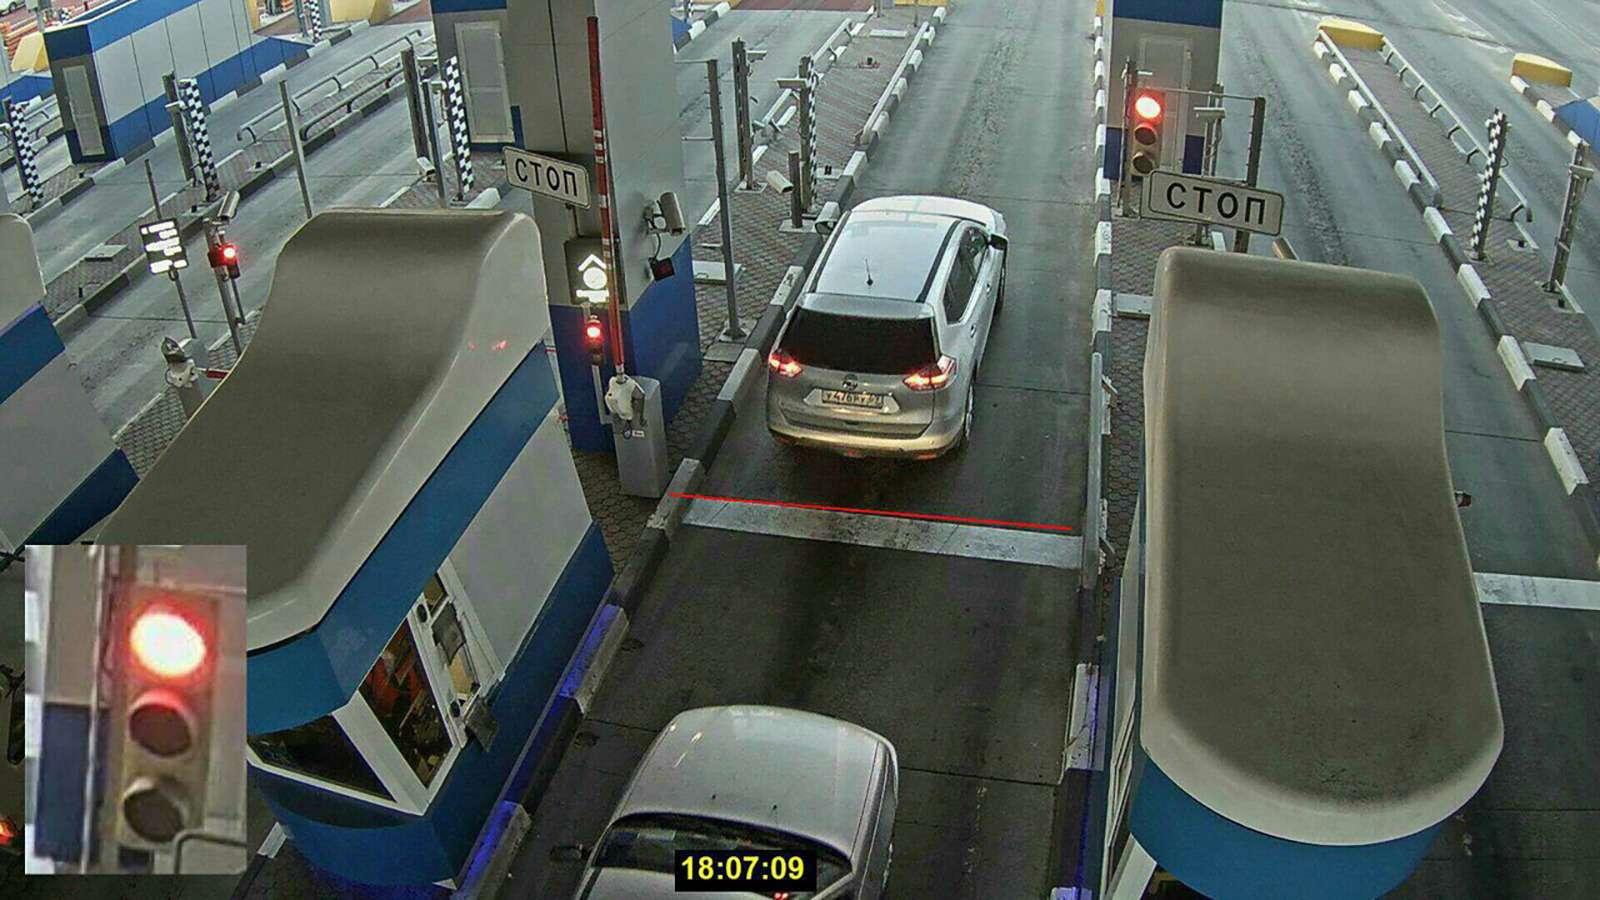 Занеоплату проезда начали штрафовать. Покакой статье?— фото 804280